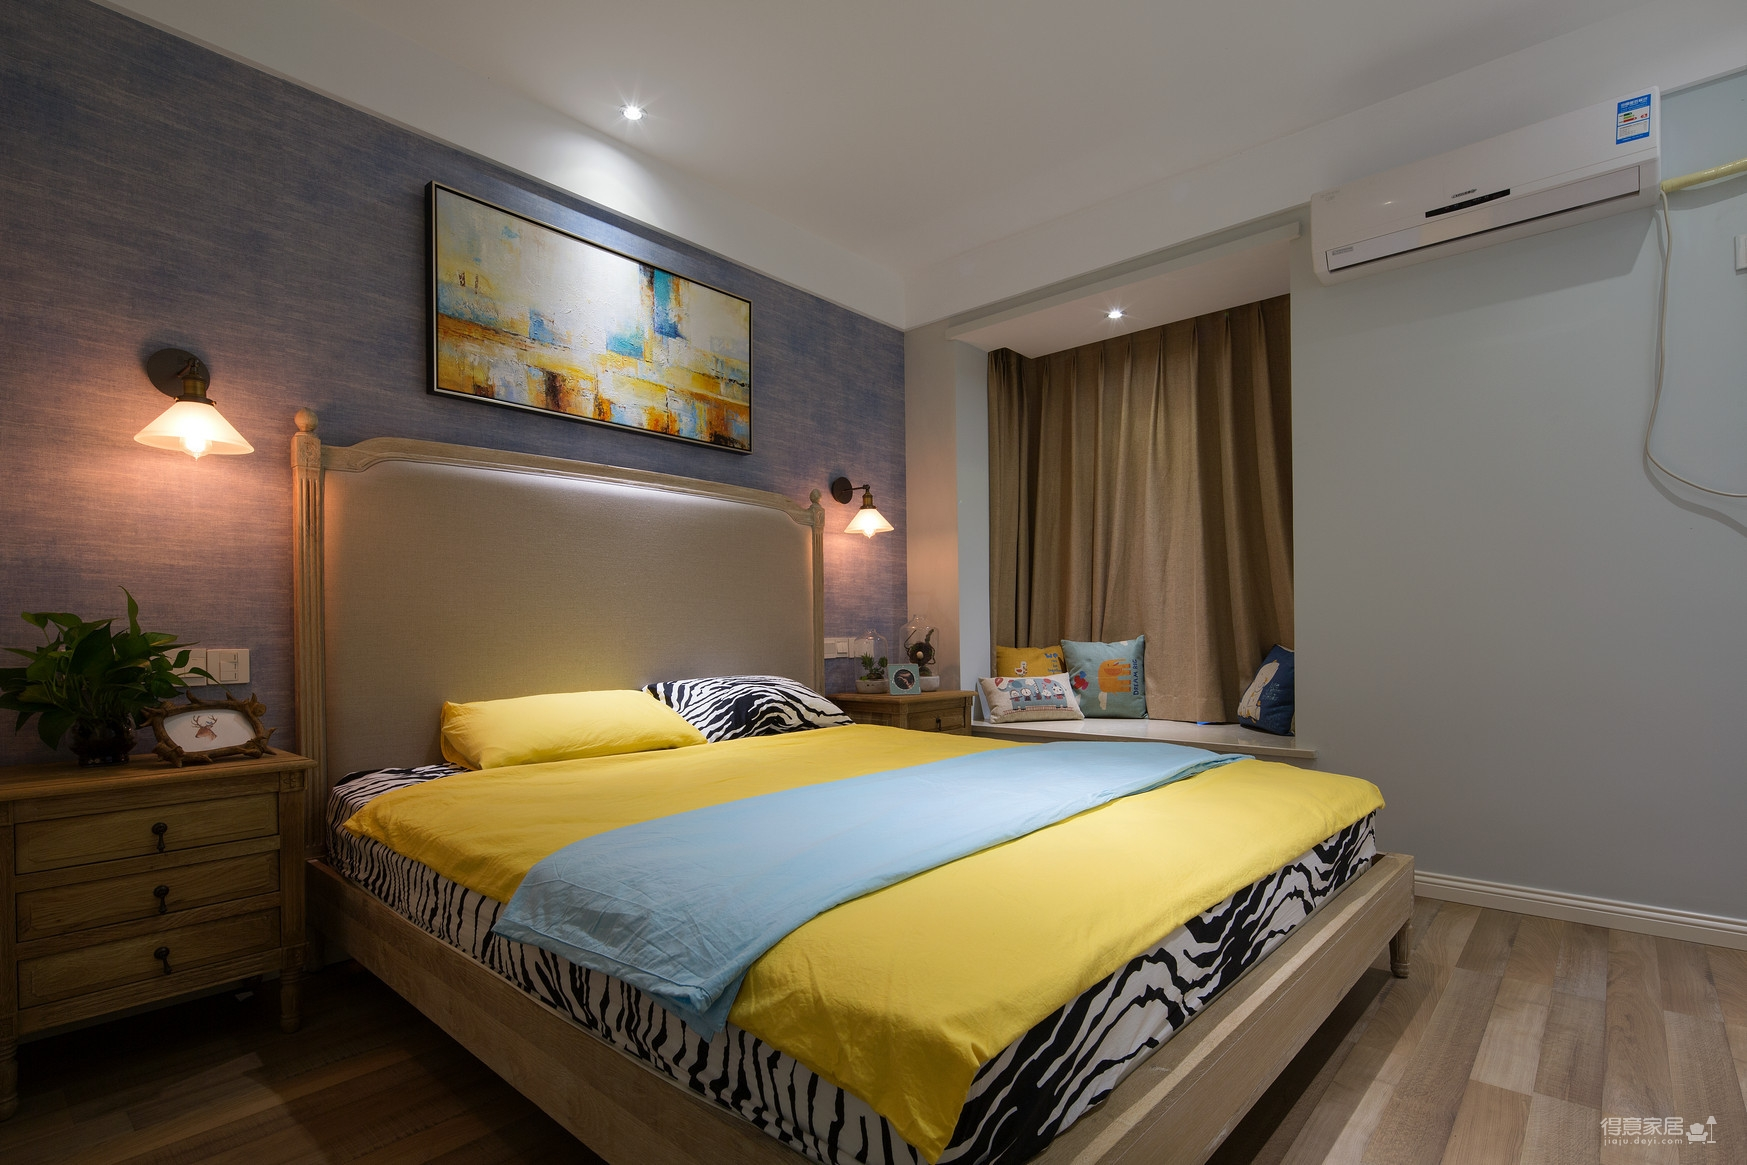 130平现代蓝色样板间装修效果图_得意家居装修图库